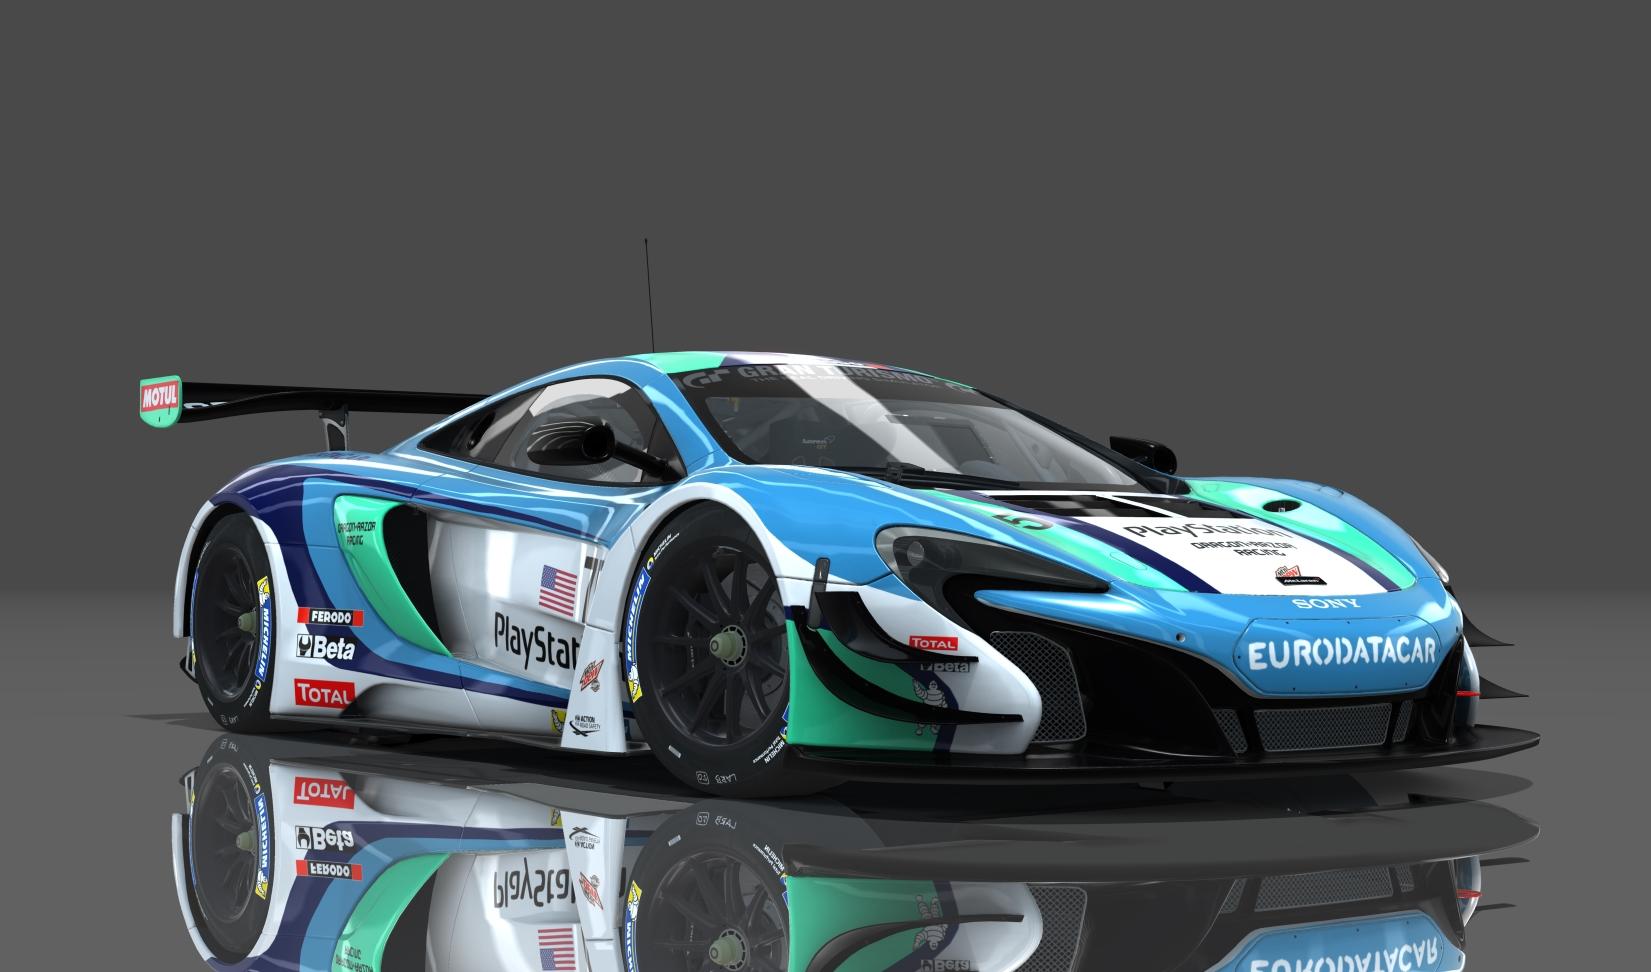 Mclaren 650s Gt3 >> Dragon Razor Racing Mclaren 650s Gt3 Fictional Skin